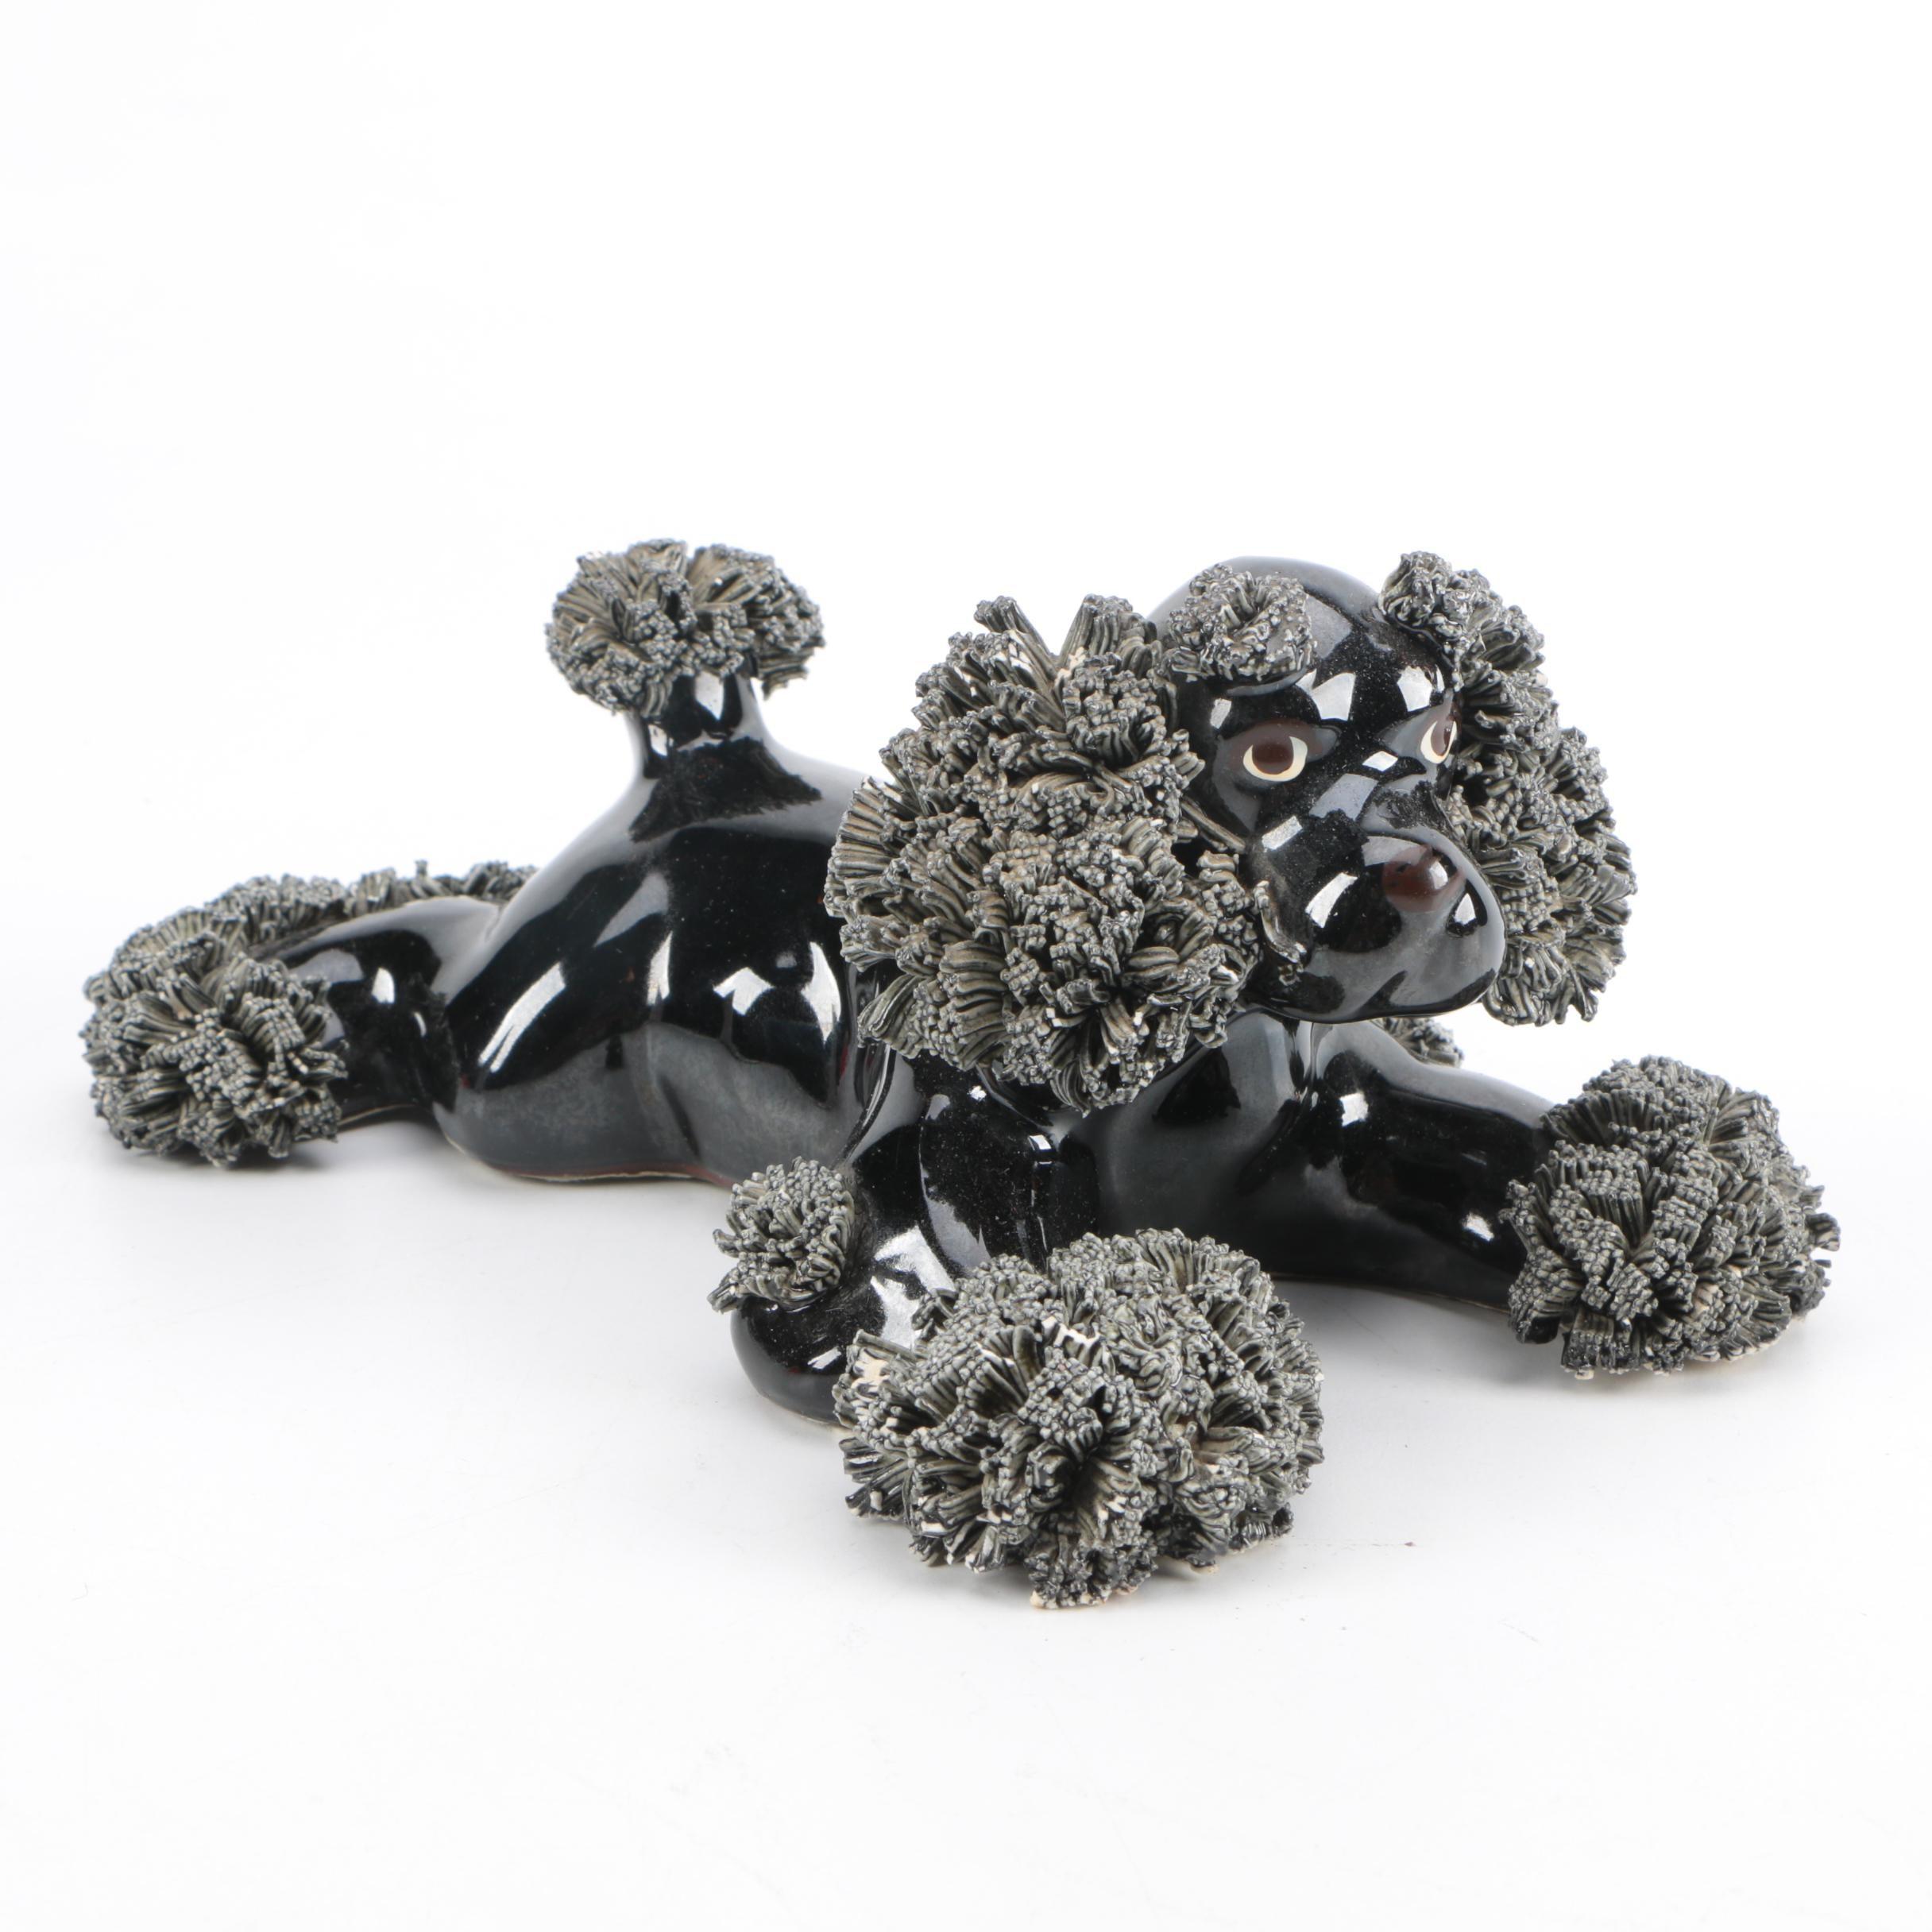 Vintage Spaghetti Poodle Figurine